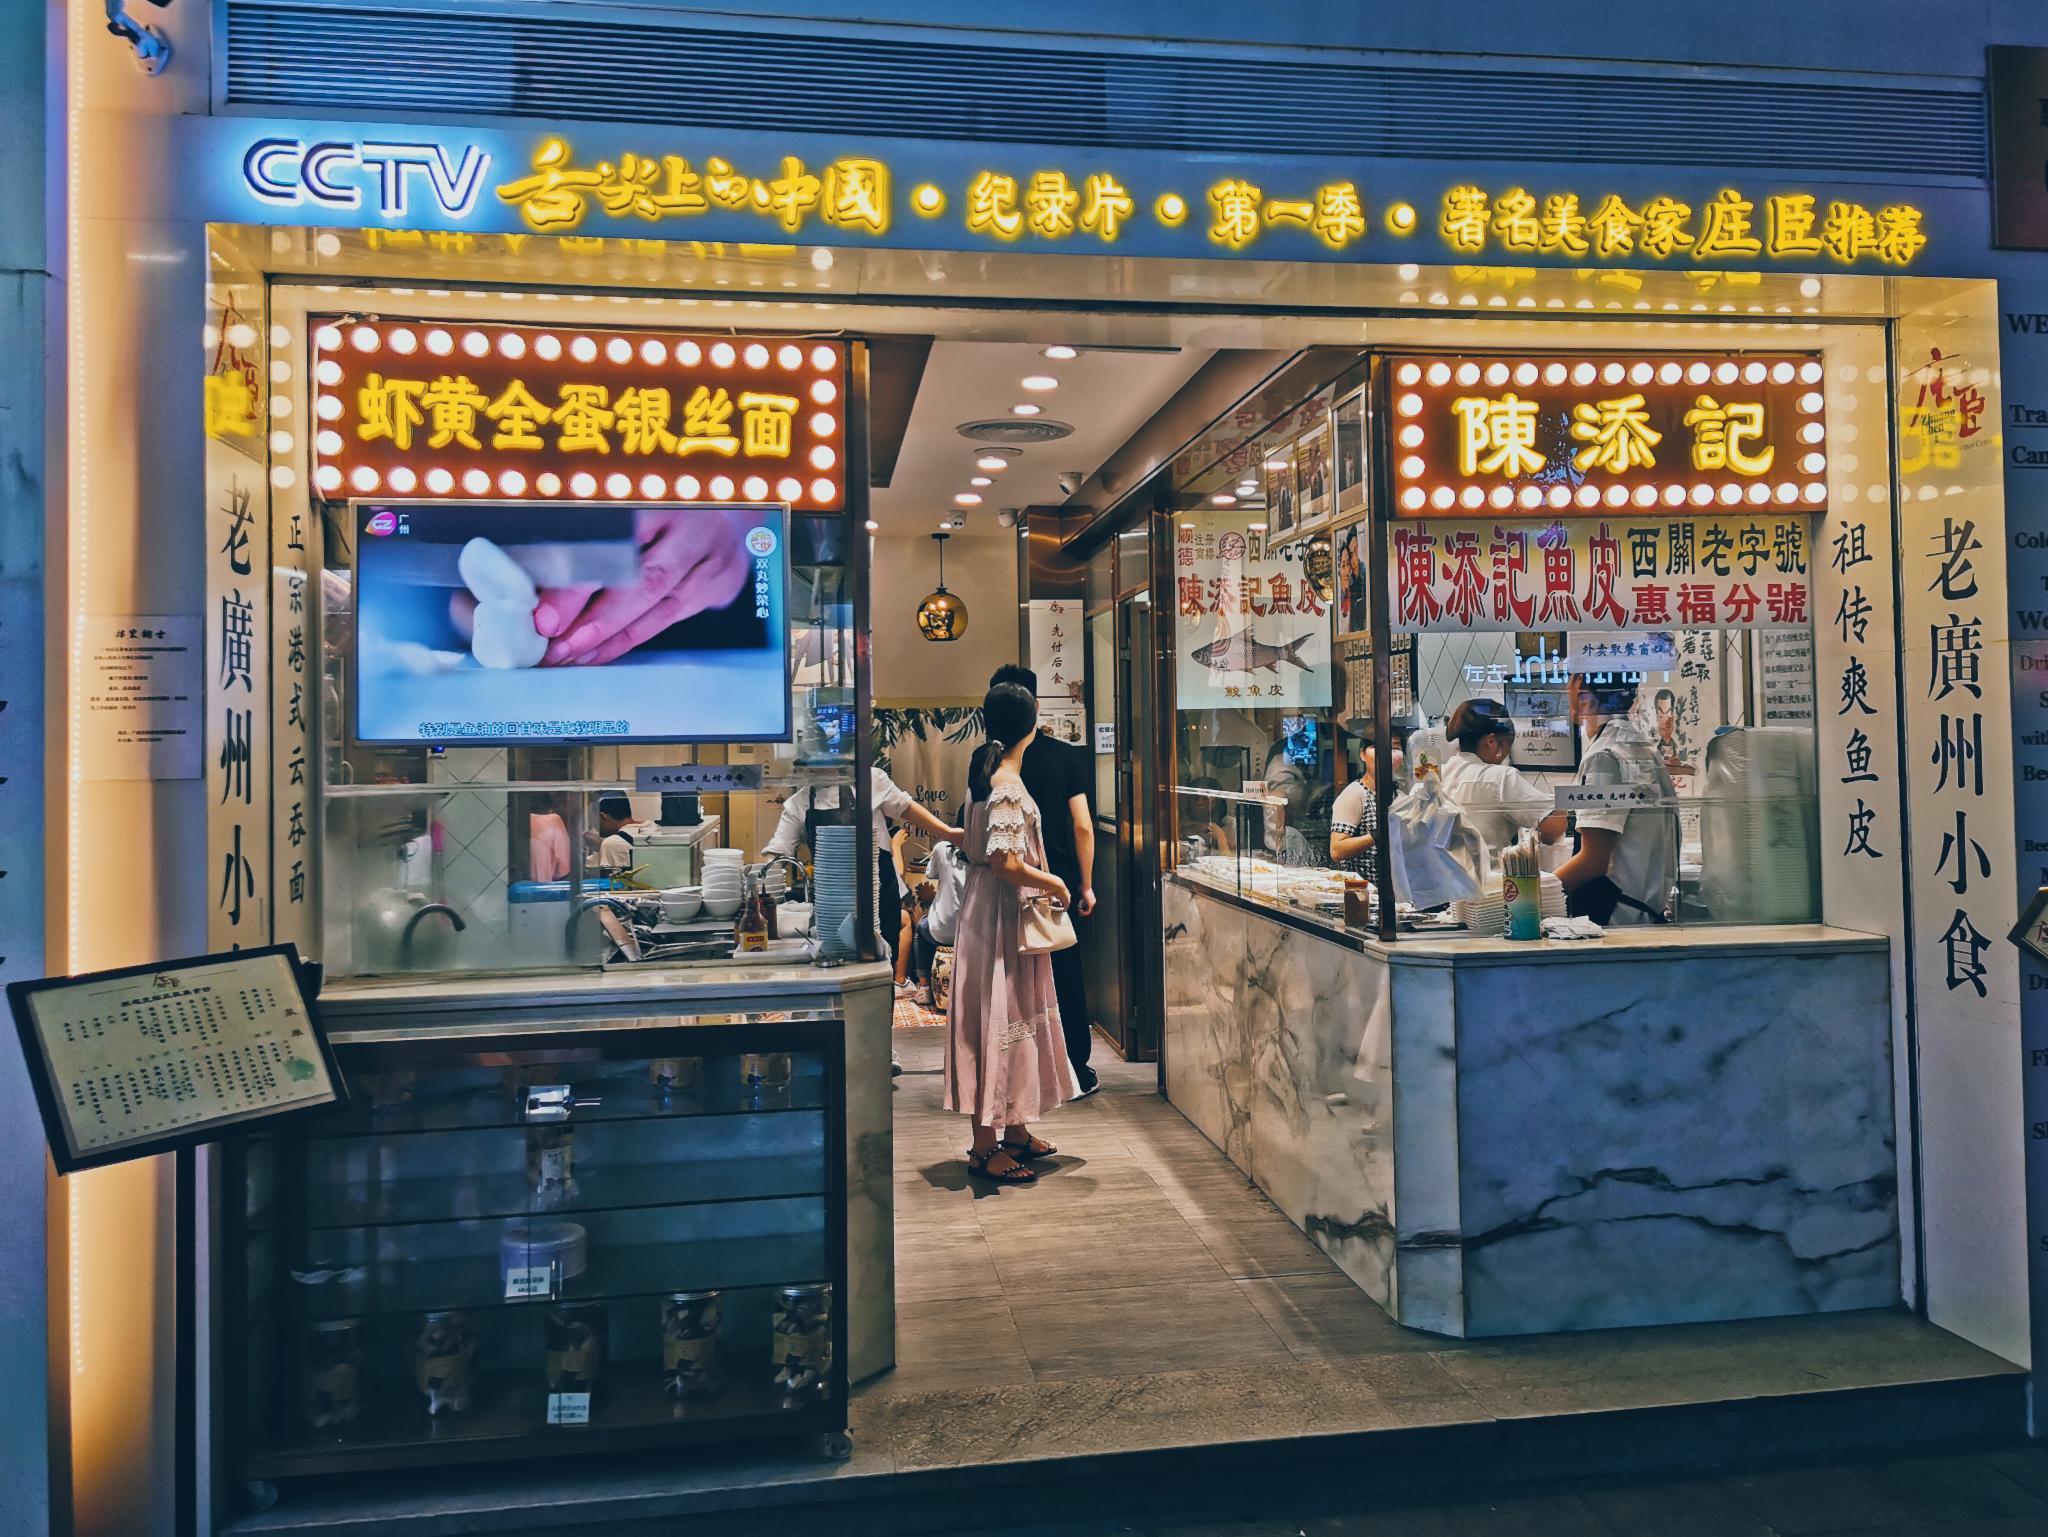 合肥步行街美食推荐_2020北京路步行街游玩攻略,各种上过某某推荐的小吃店和...【去 ...